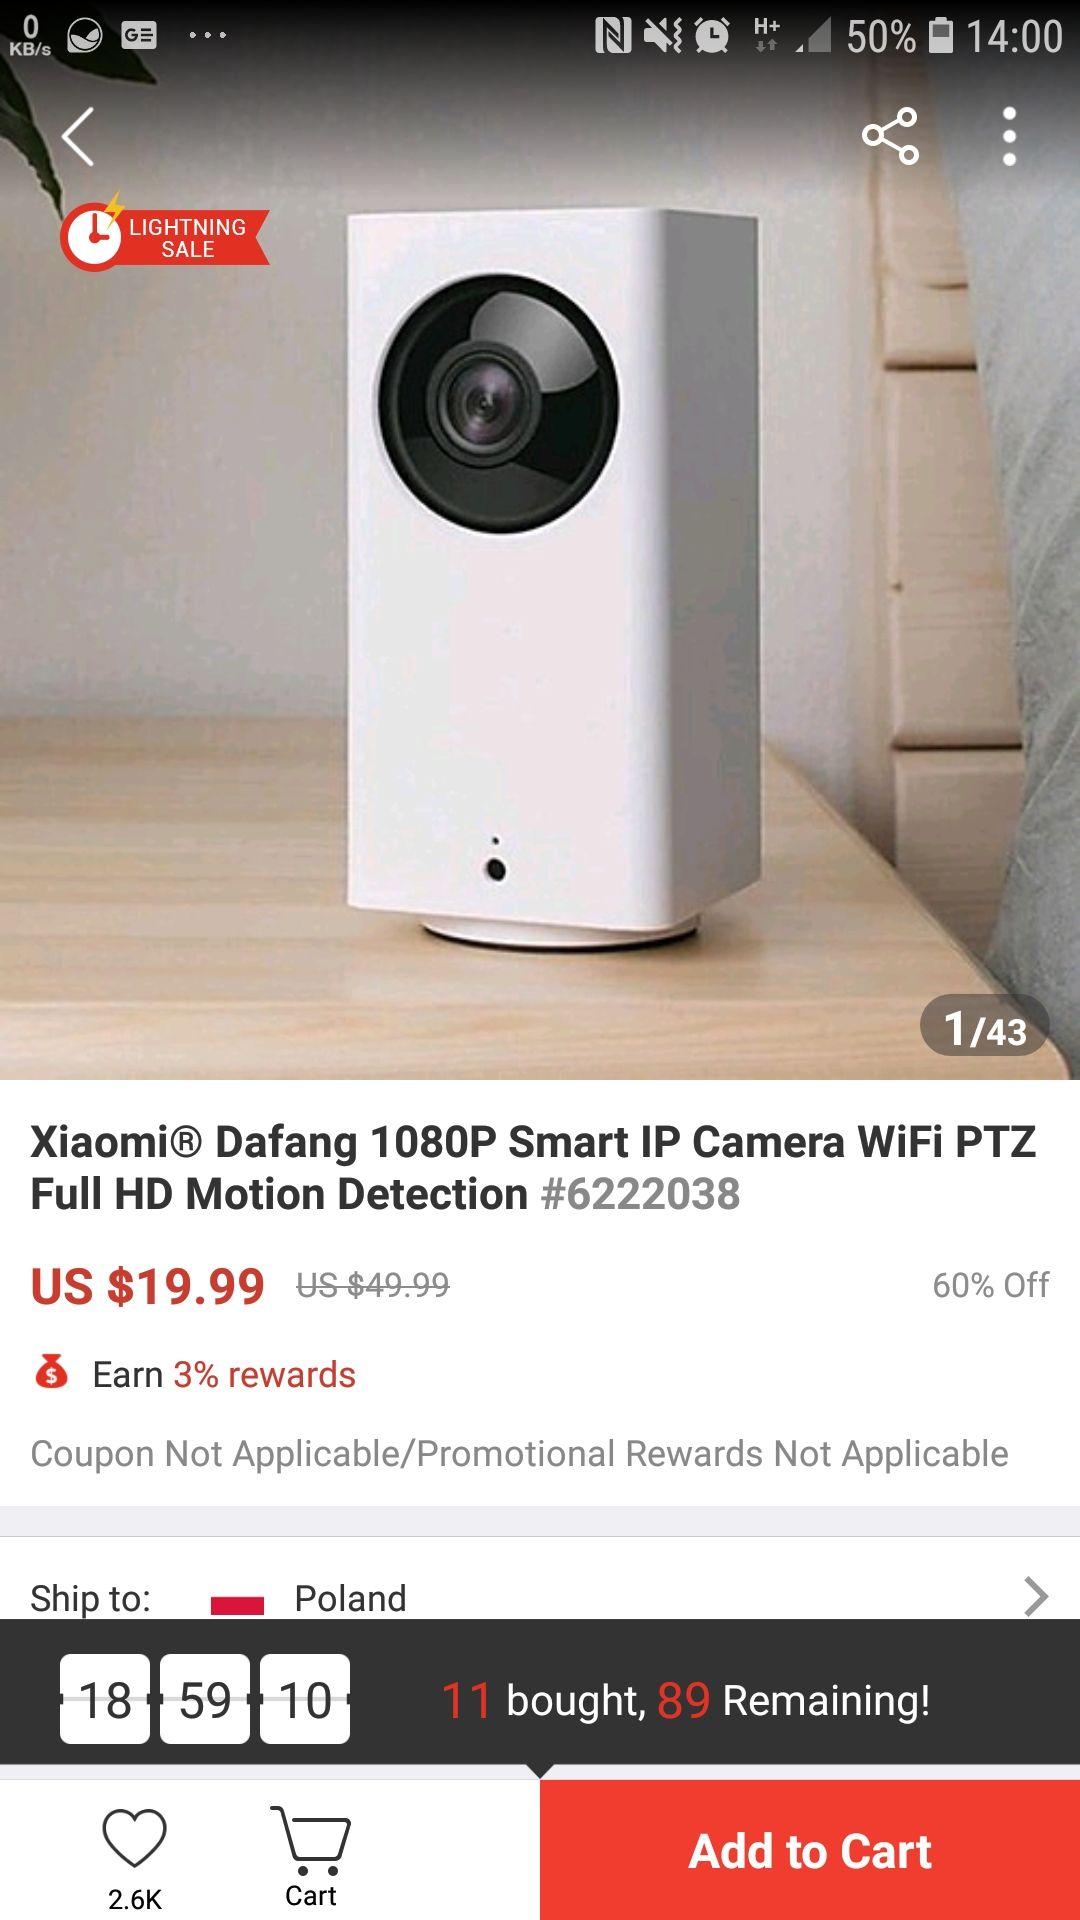 Xiaomi Dafang